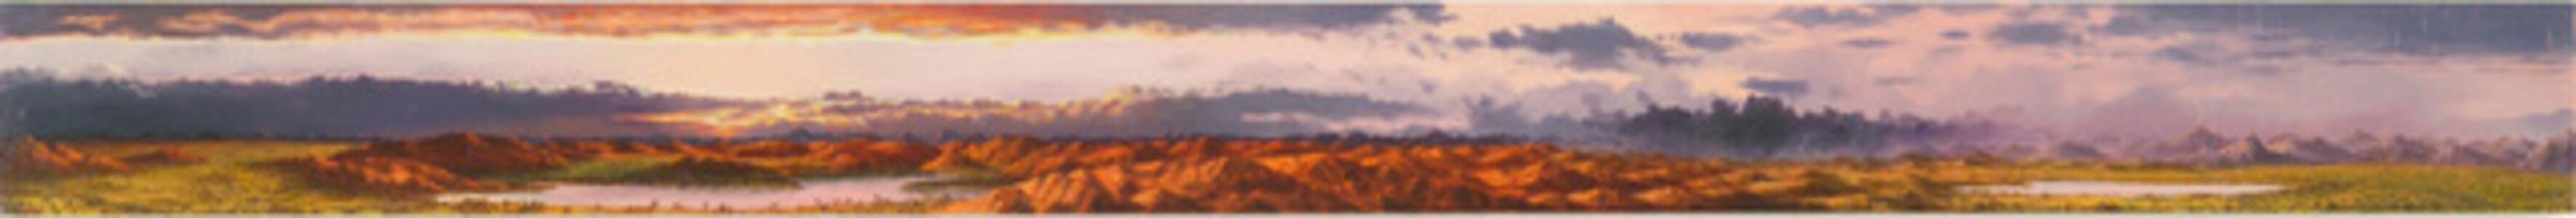 Jim Sullivan, 'Saudade', 2007